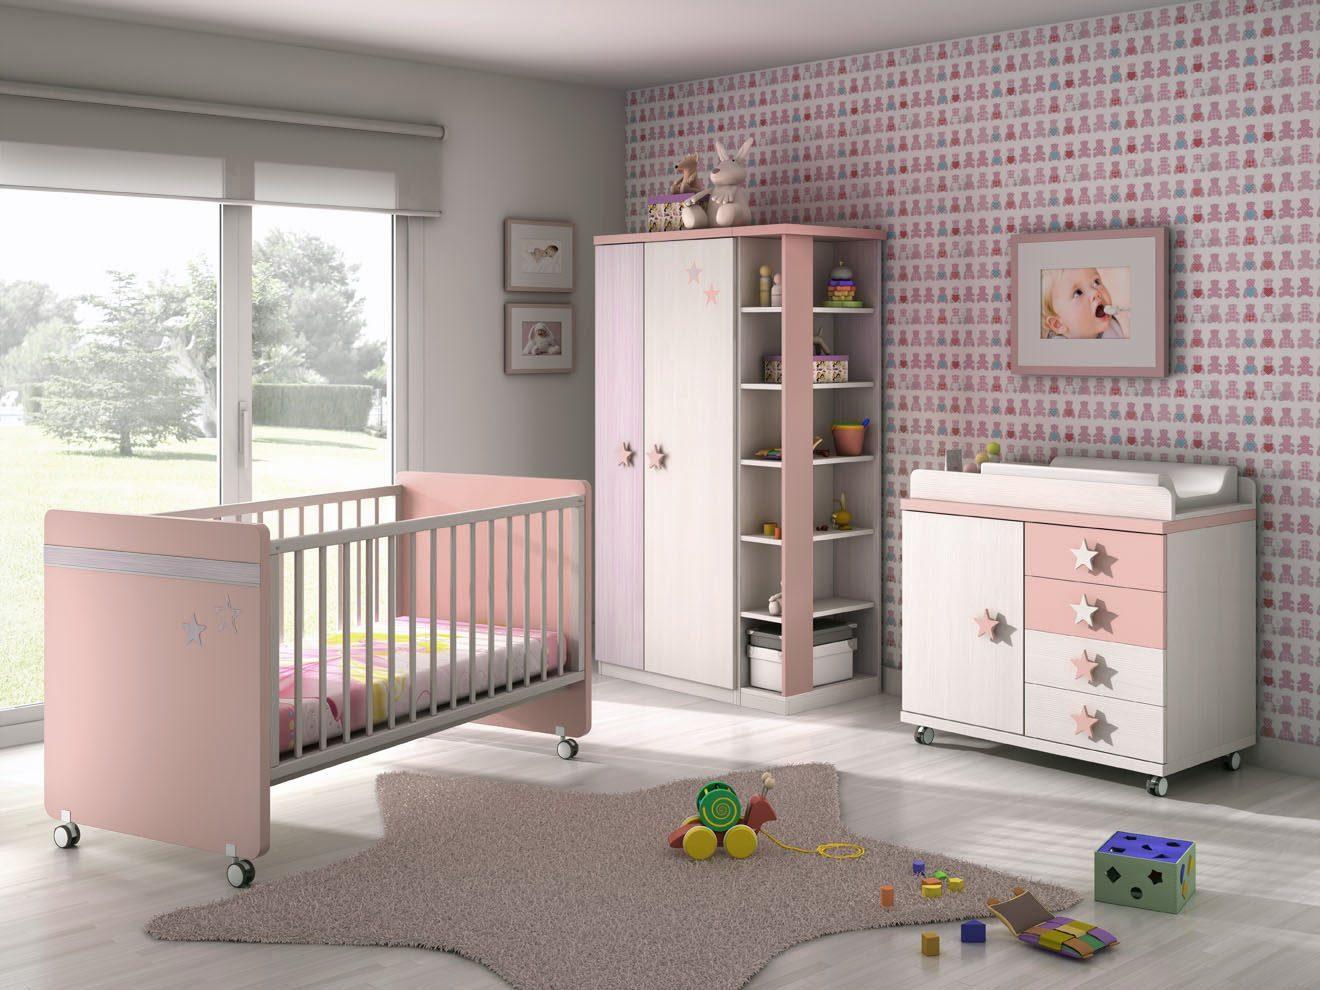 Habitaciones de beb s for Dormitorios ninos baratos